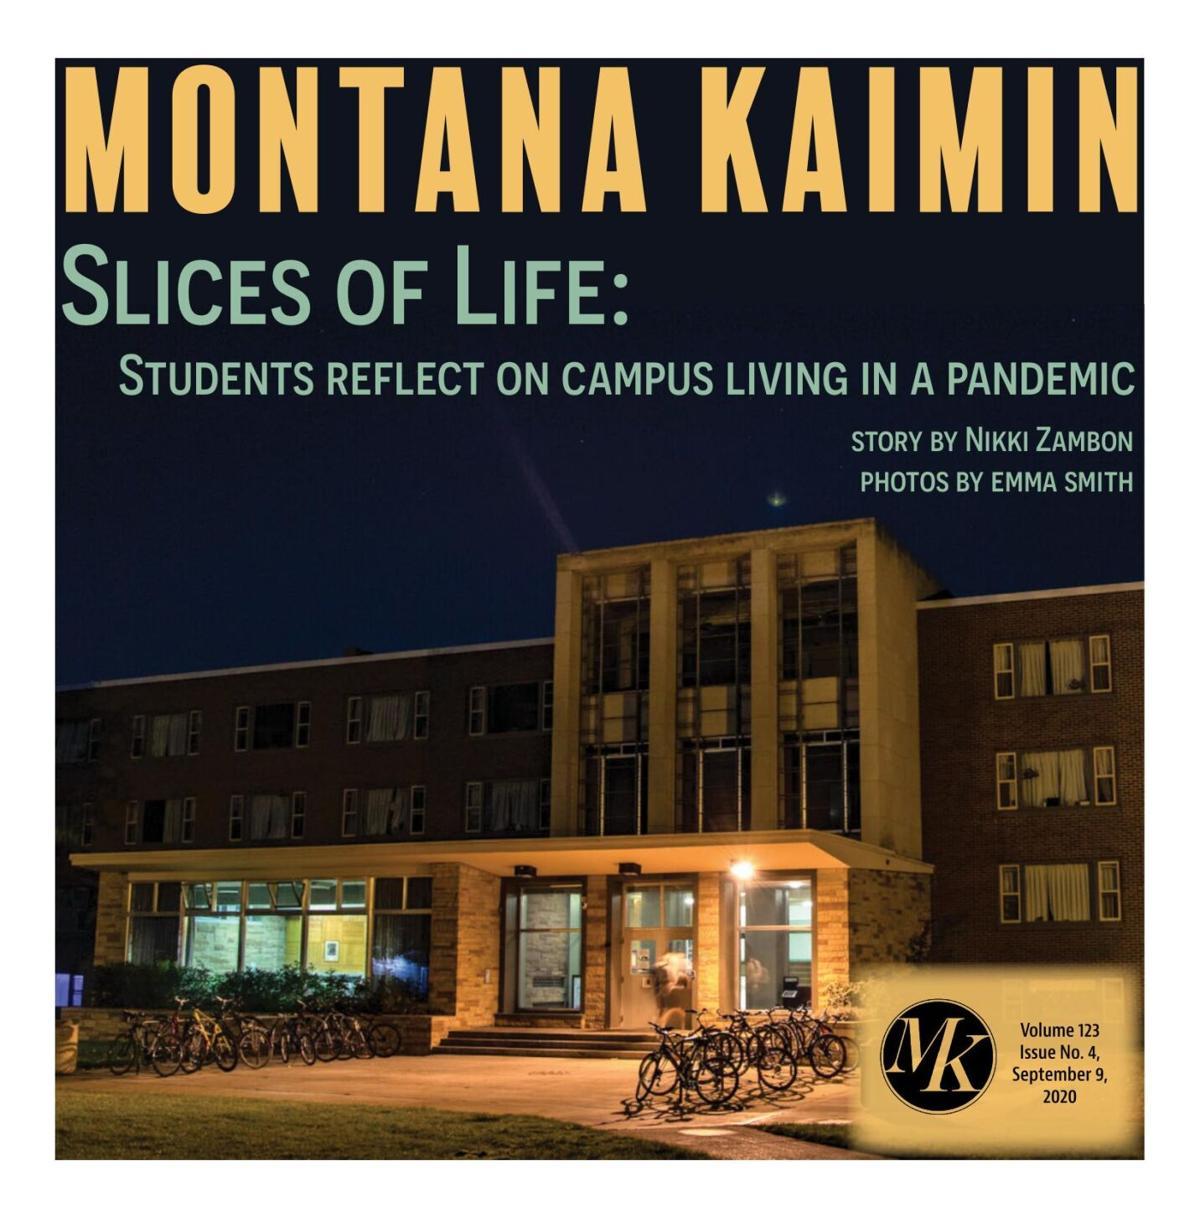 Montana Kaimin | Vol 123 Issue no. 04 09.09.2020